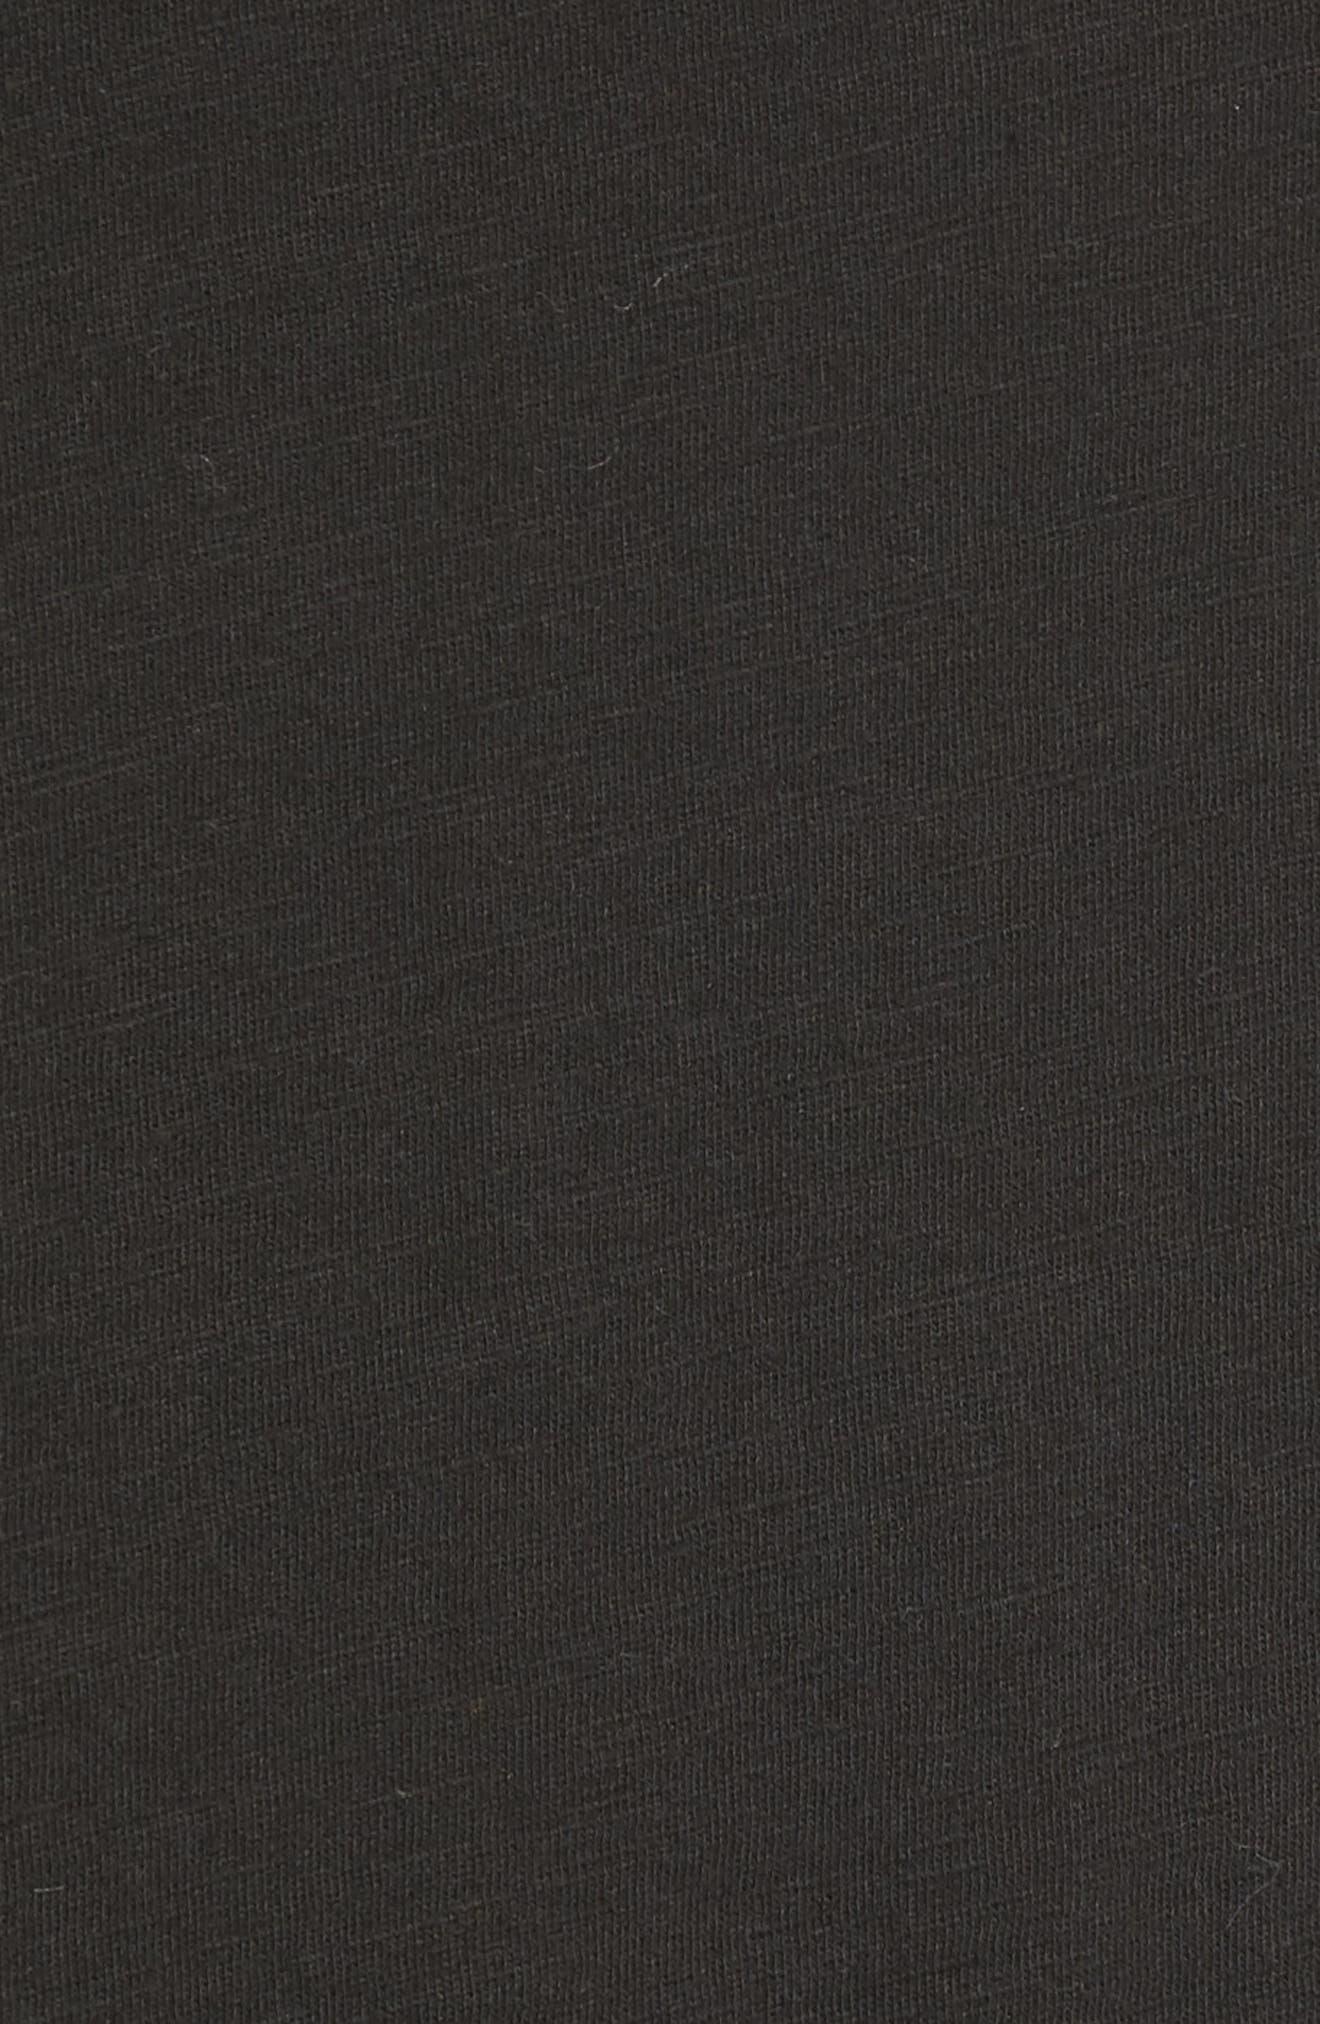 Bateau Neck Top,                             Alternate thumbnail 5, color,                             001